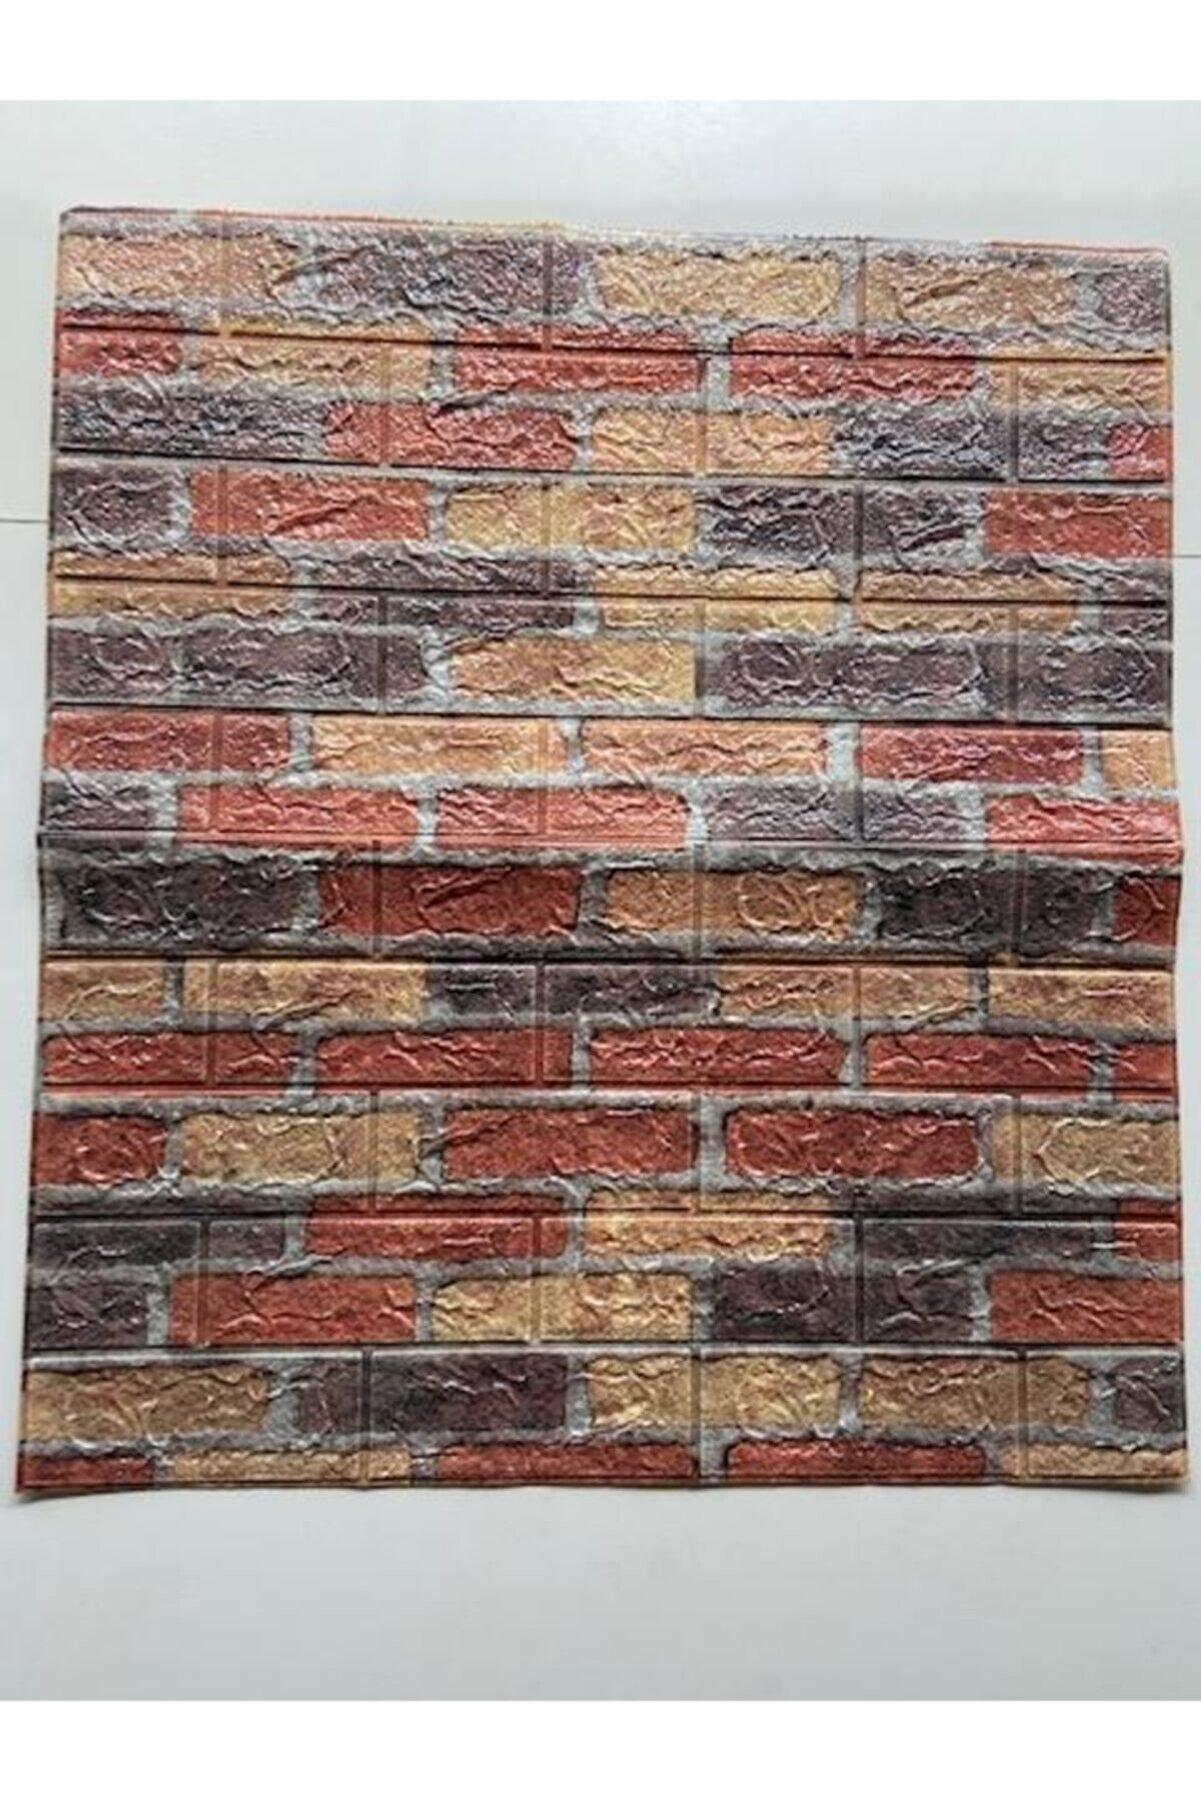 Renkli Duvarlar Kendinden Yapışkanlı 70x77cm 10 Adet Taş Duvar Kağıdı Paneli